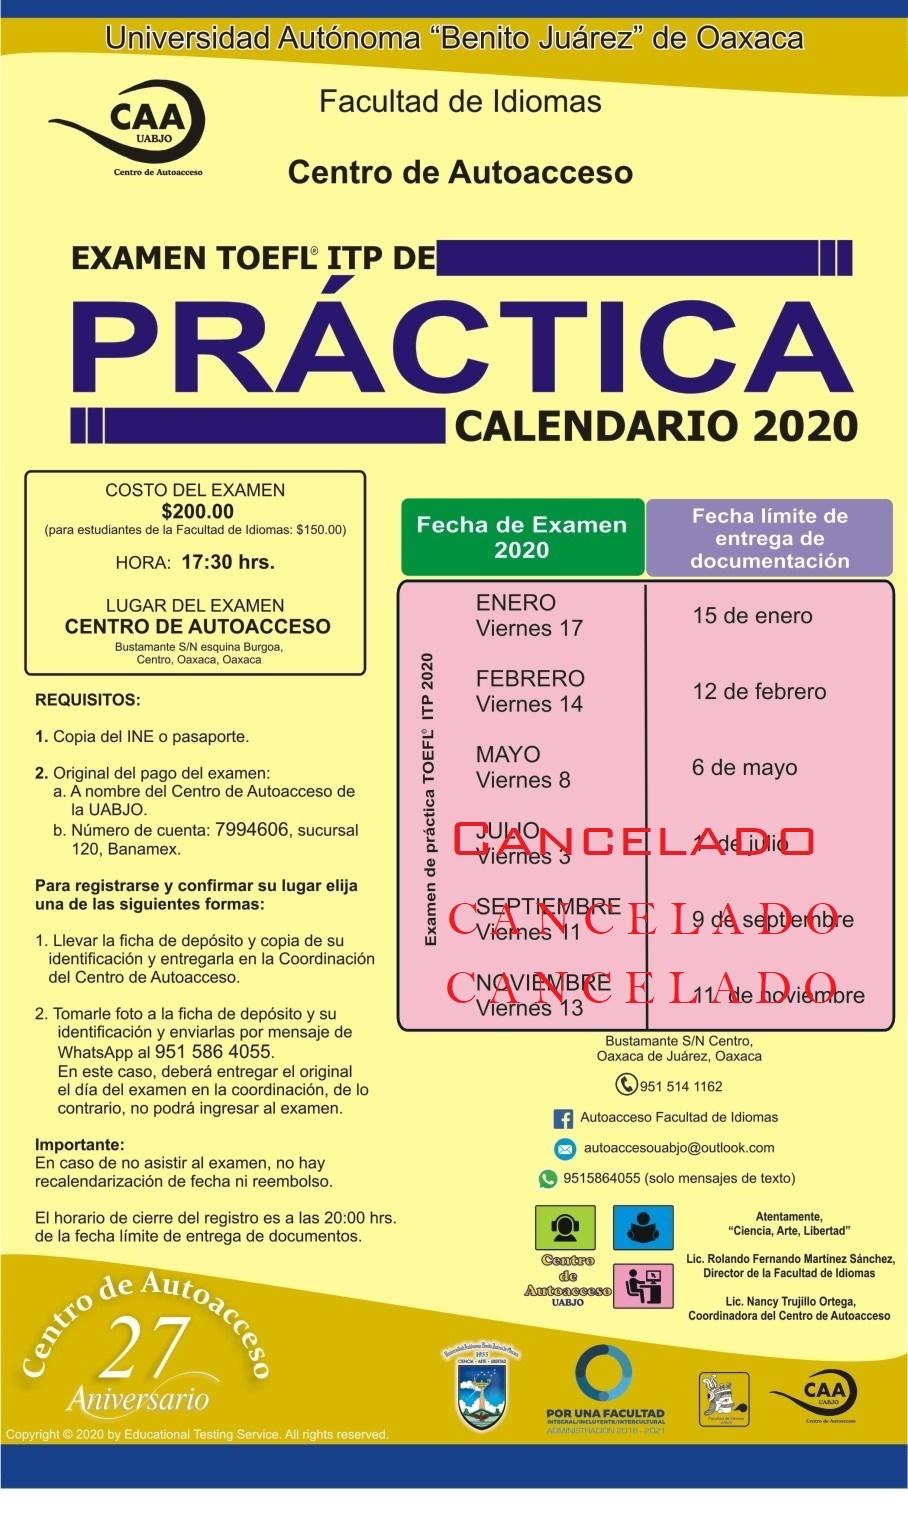 Calendario Toefl Practica y Diagnóstico